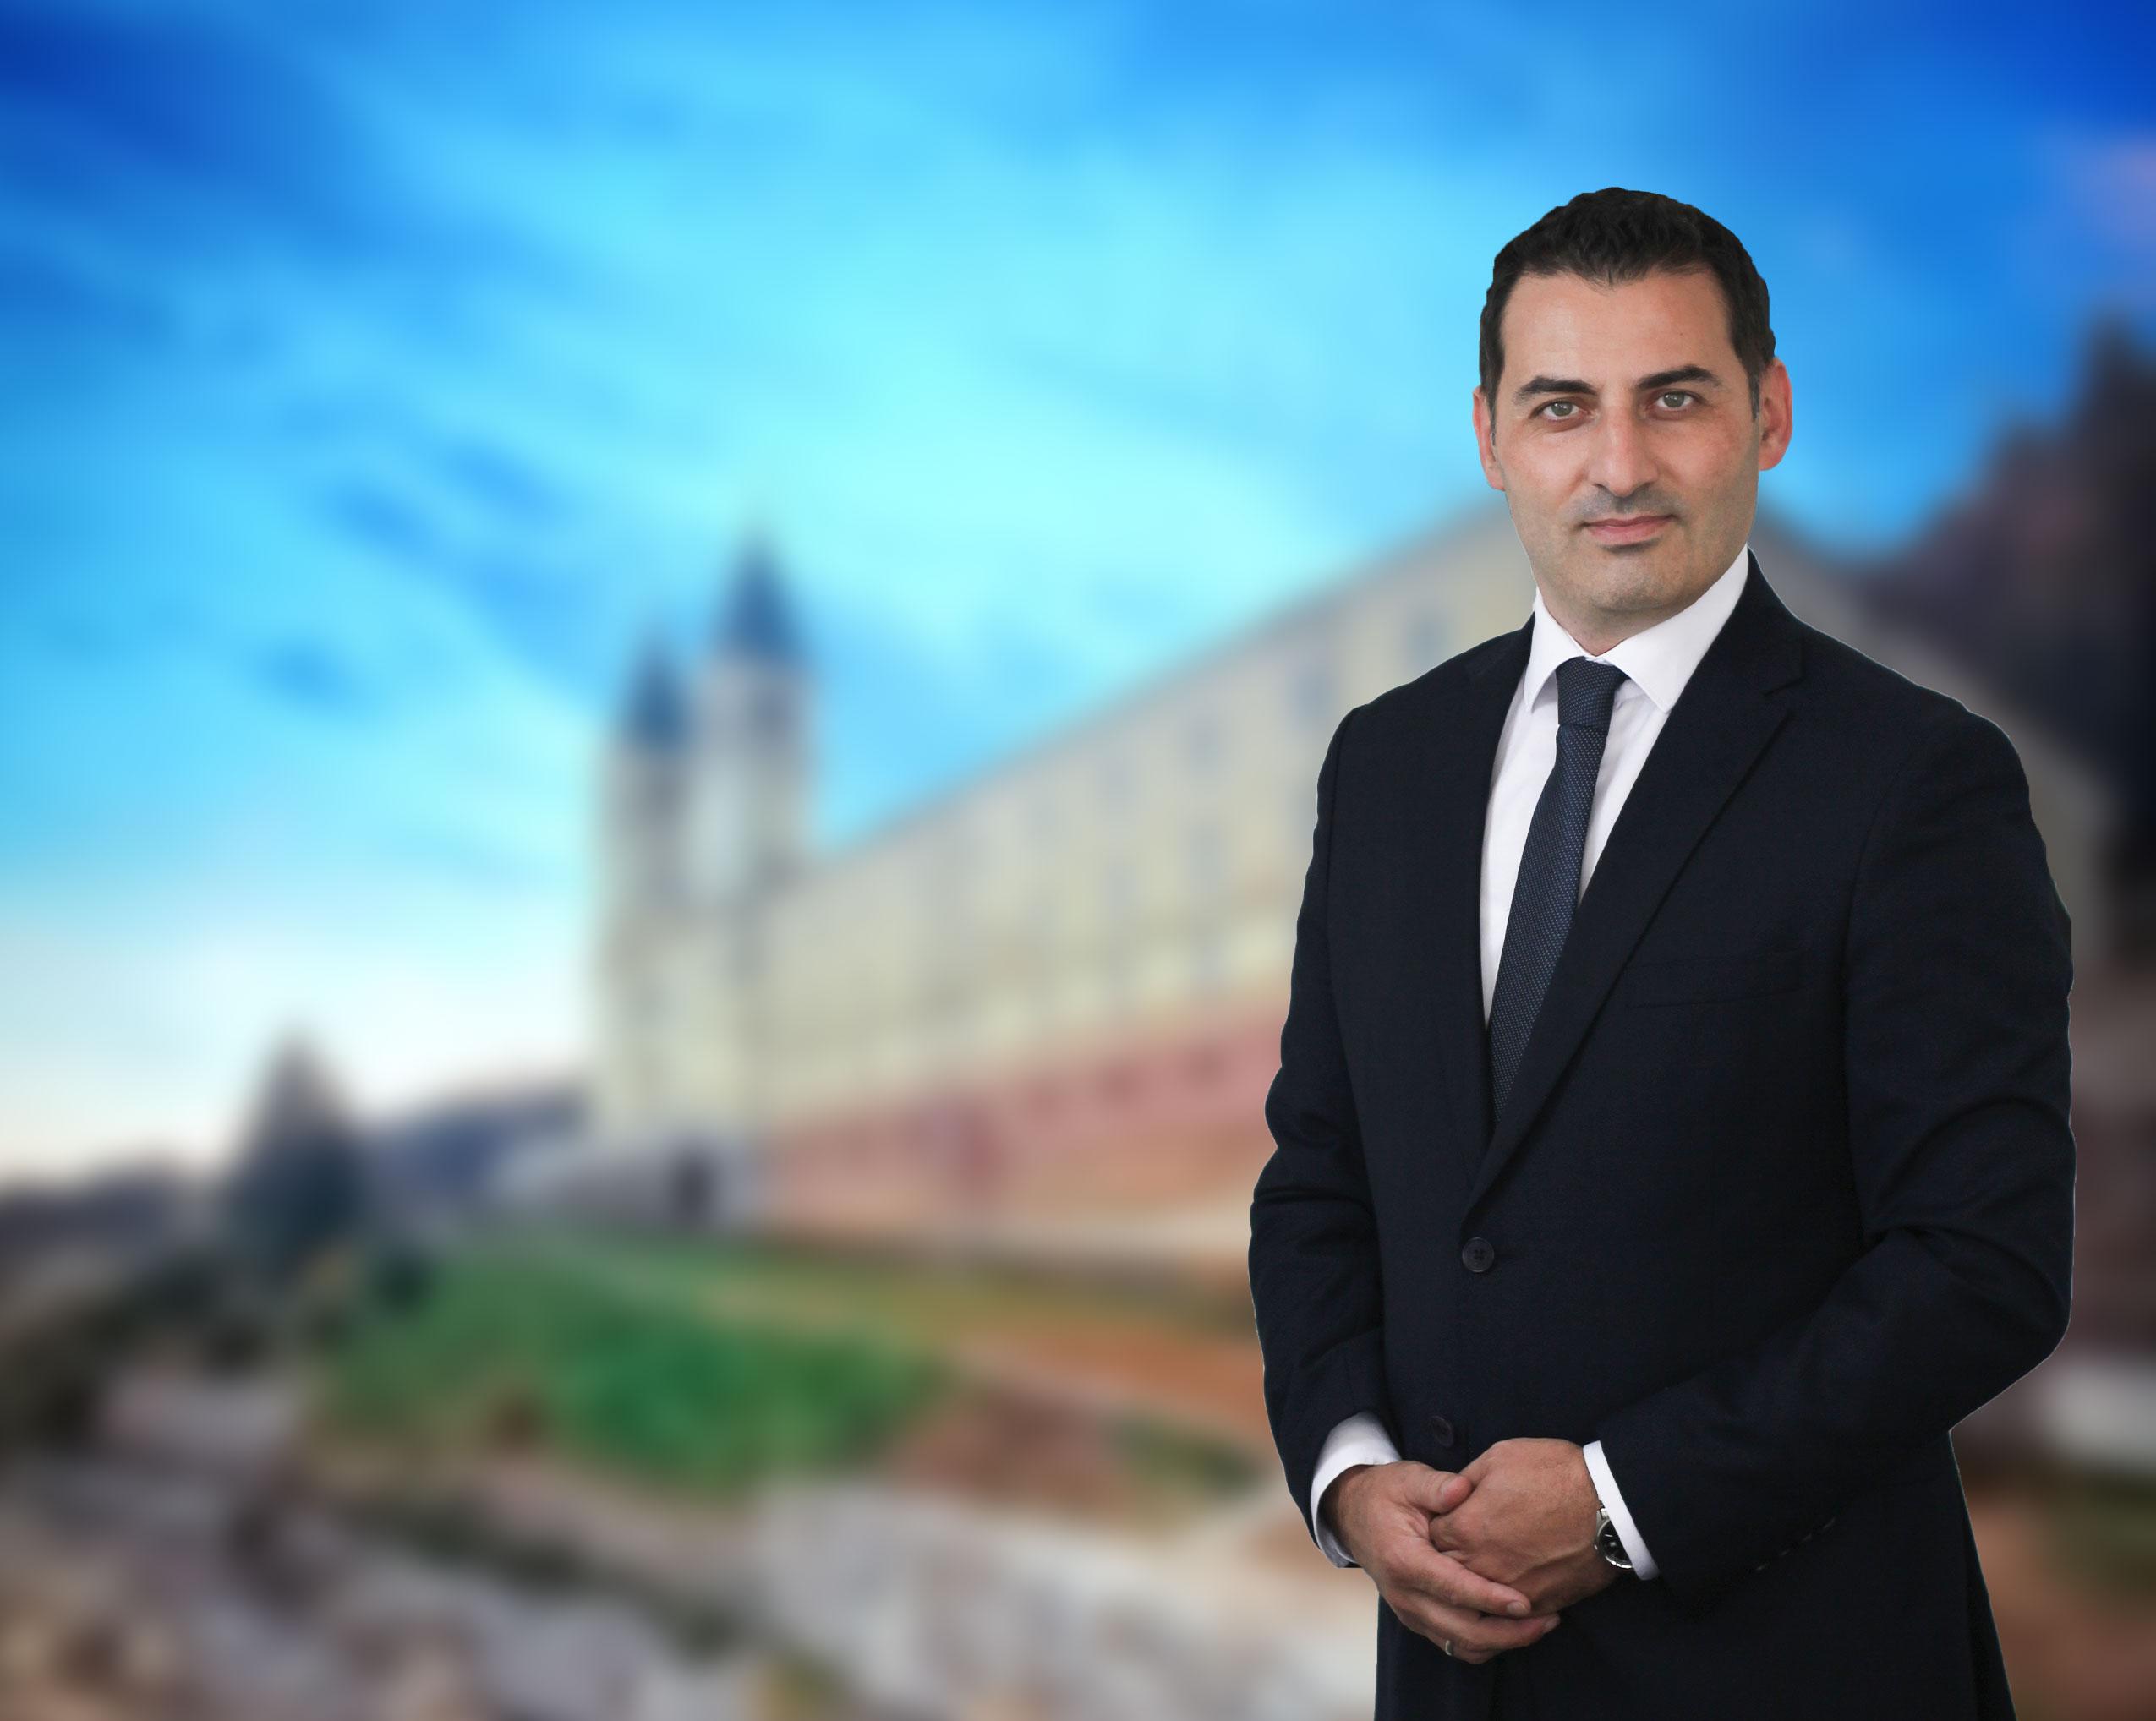 Kandidat za načelnika općine Kakanj ispred SDA Mirnes Bajtarević u radno konsultativnoj posjeti je boravio u Kraljevoj Sutjesci